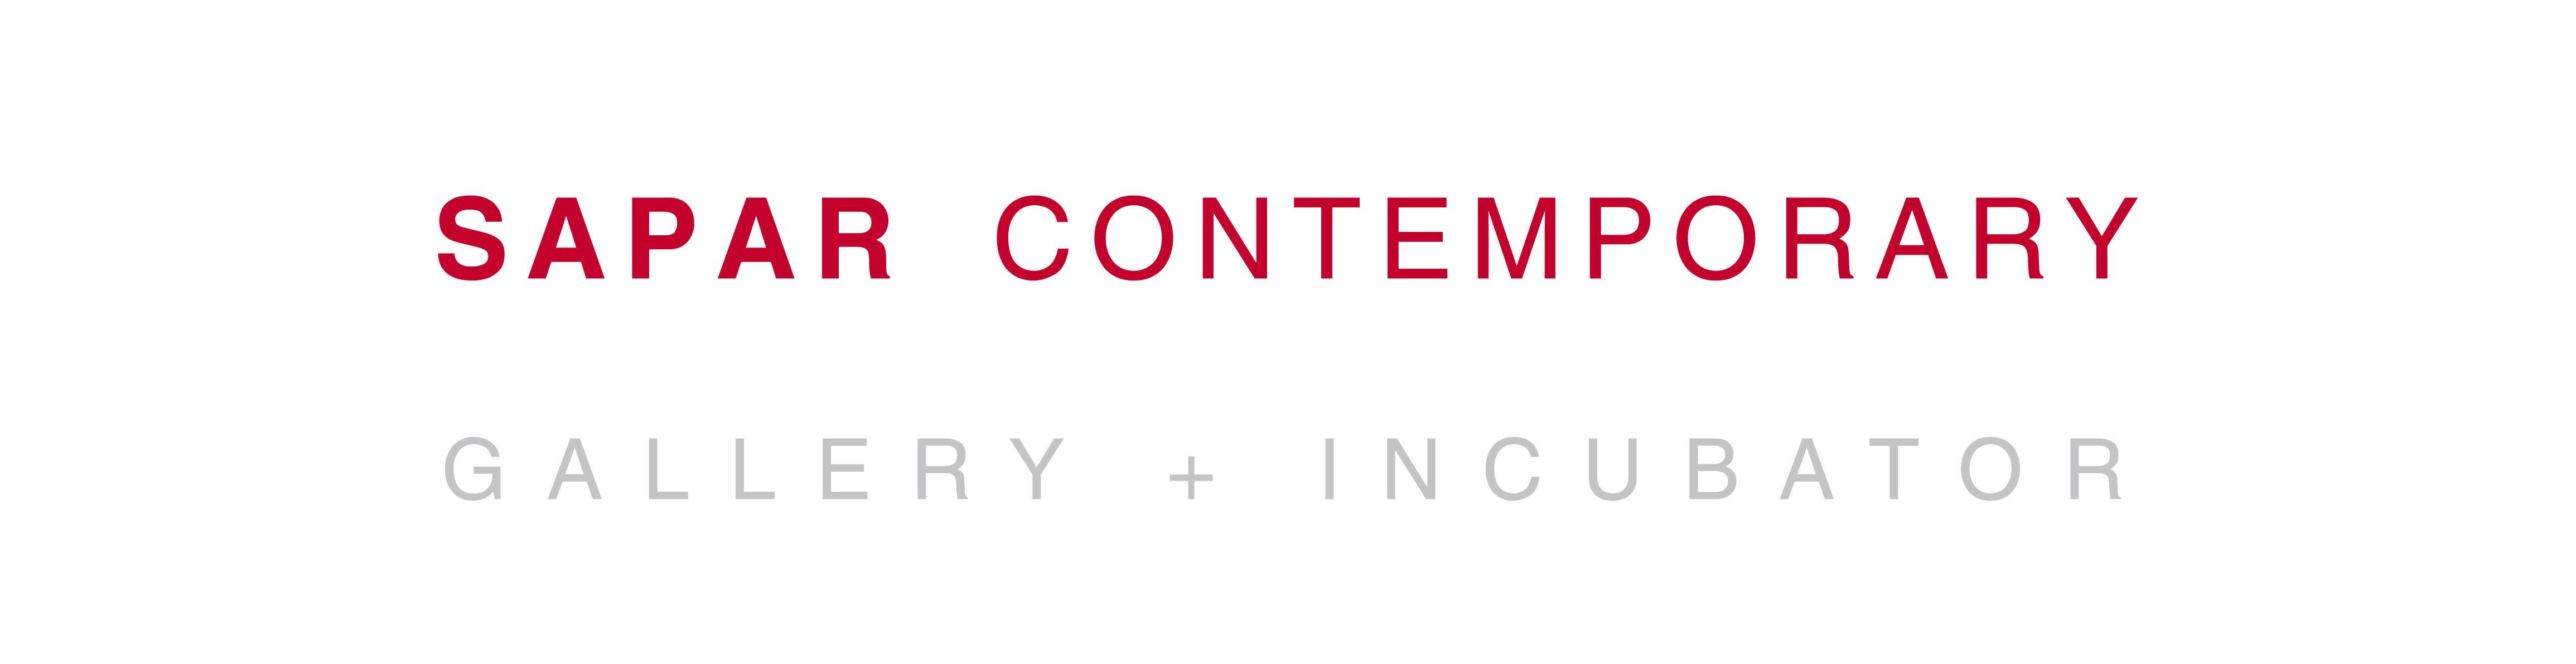 Sapar Contemporary company logo